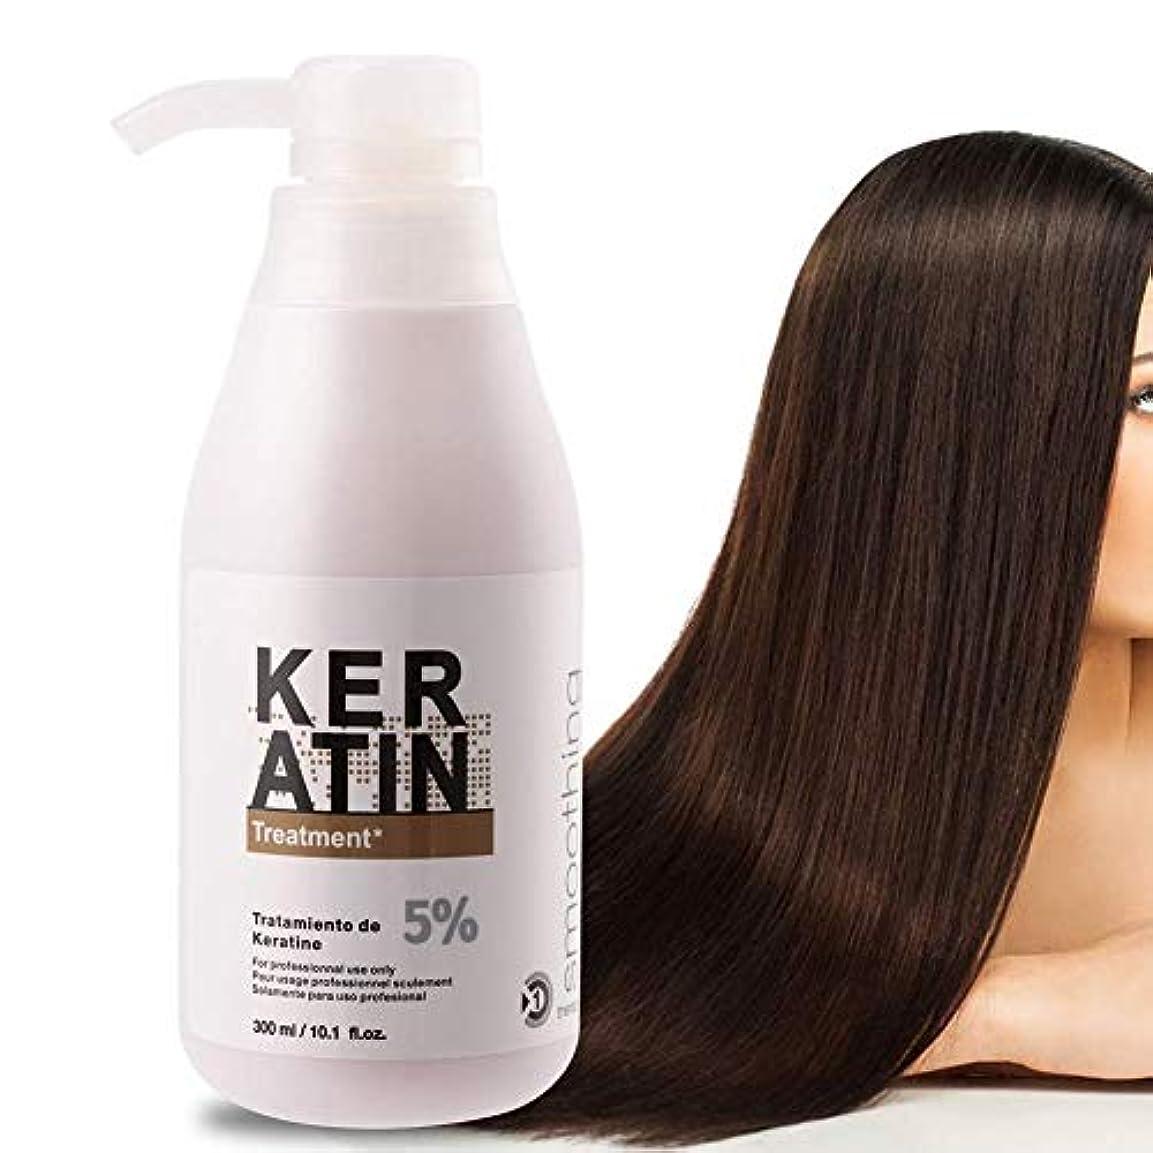 どこでもマウスビジターケラチンブラジリアンヘアトリートメントホルマリン5%ケラチンシャンプー300ml (女性と男性用) Keratin Brazilian Hair Treatment Formalin 5% Keratin Shampoo 300ml (for women and men)